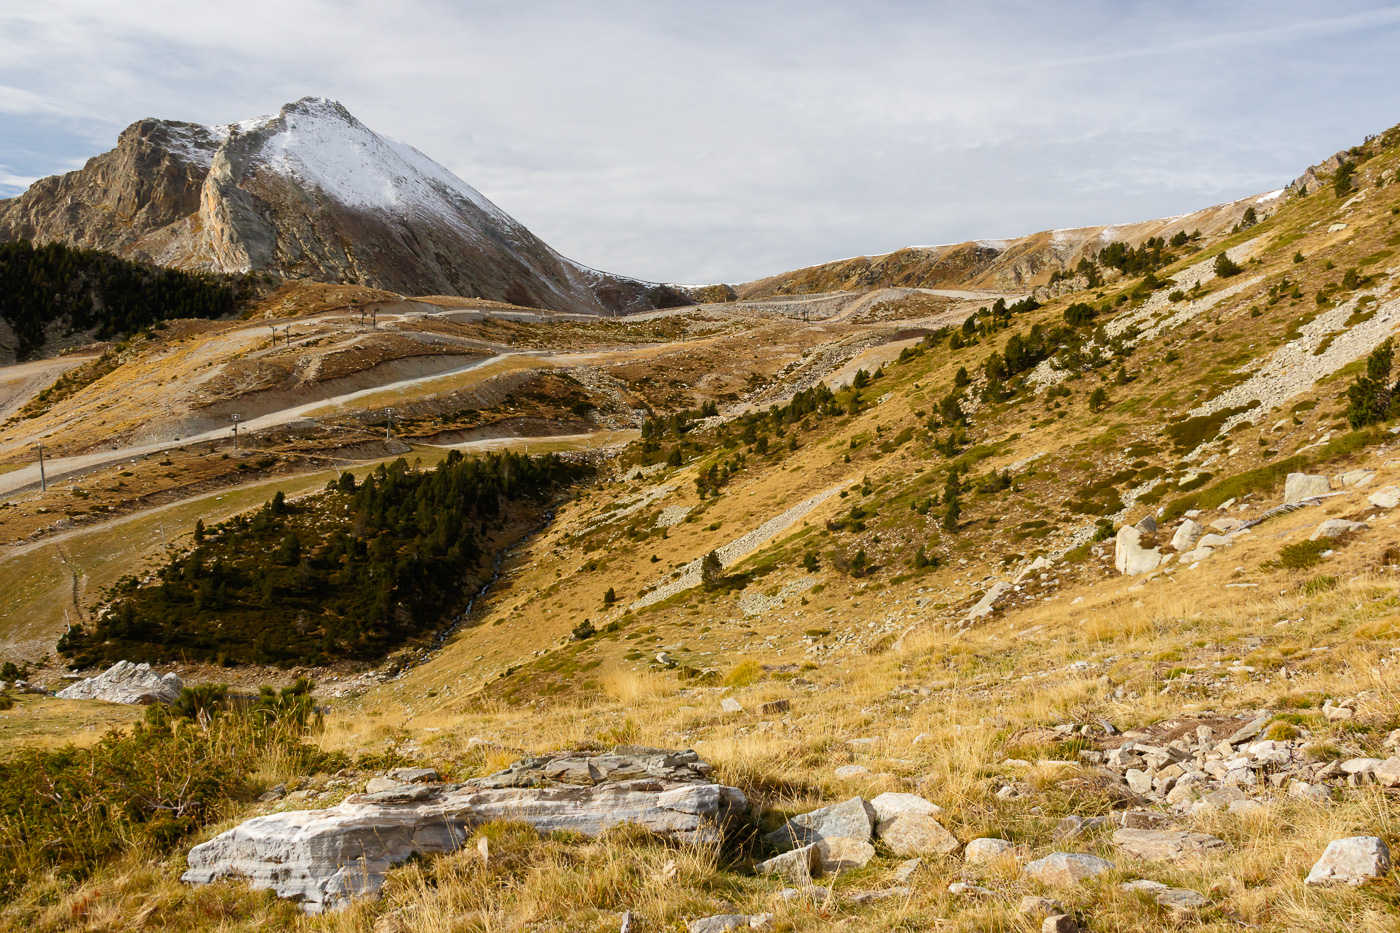 Coll de la Marrana i cims dels Gra de Fajol - Fotografies de paisatges - Raül Carmona - Fotografia, Fotografia d'estudi, esdeveniments i Natura